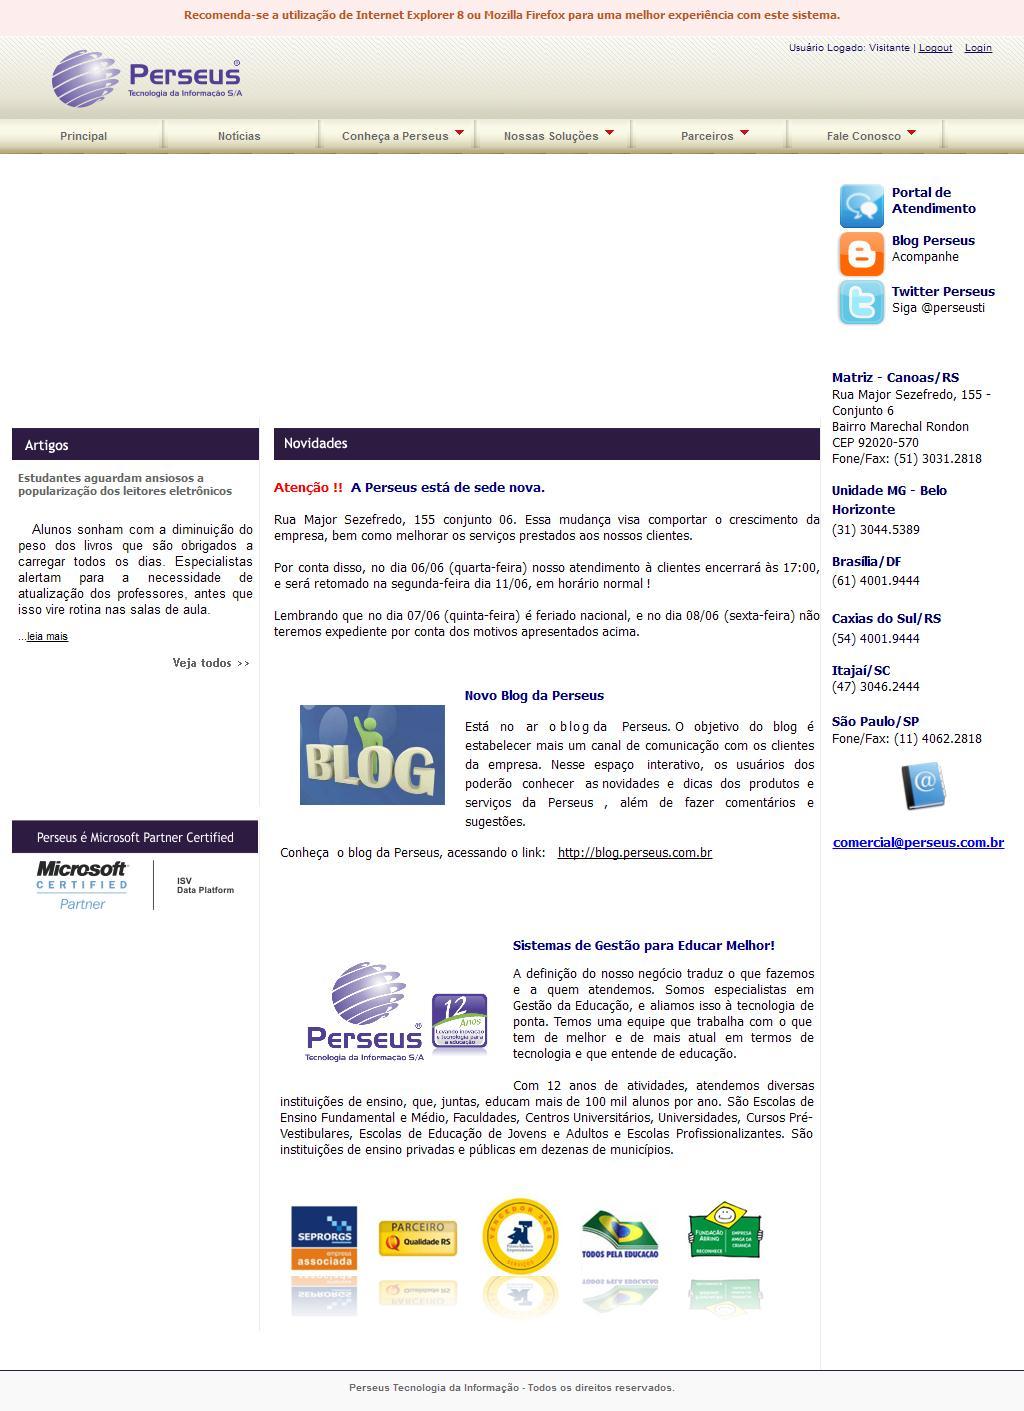 Perseus Tecnologia da Informação S/A - Sistemas de gestão para educar melhor